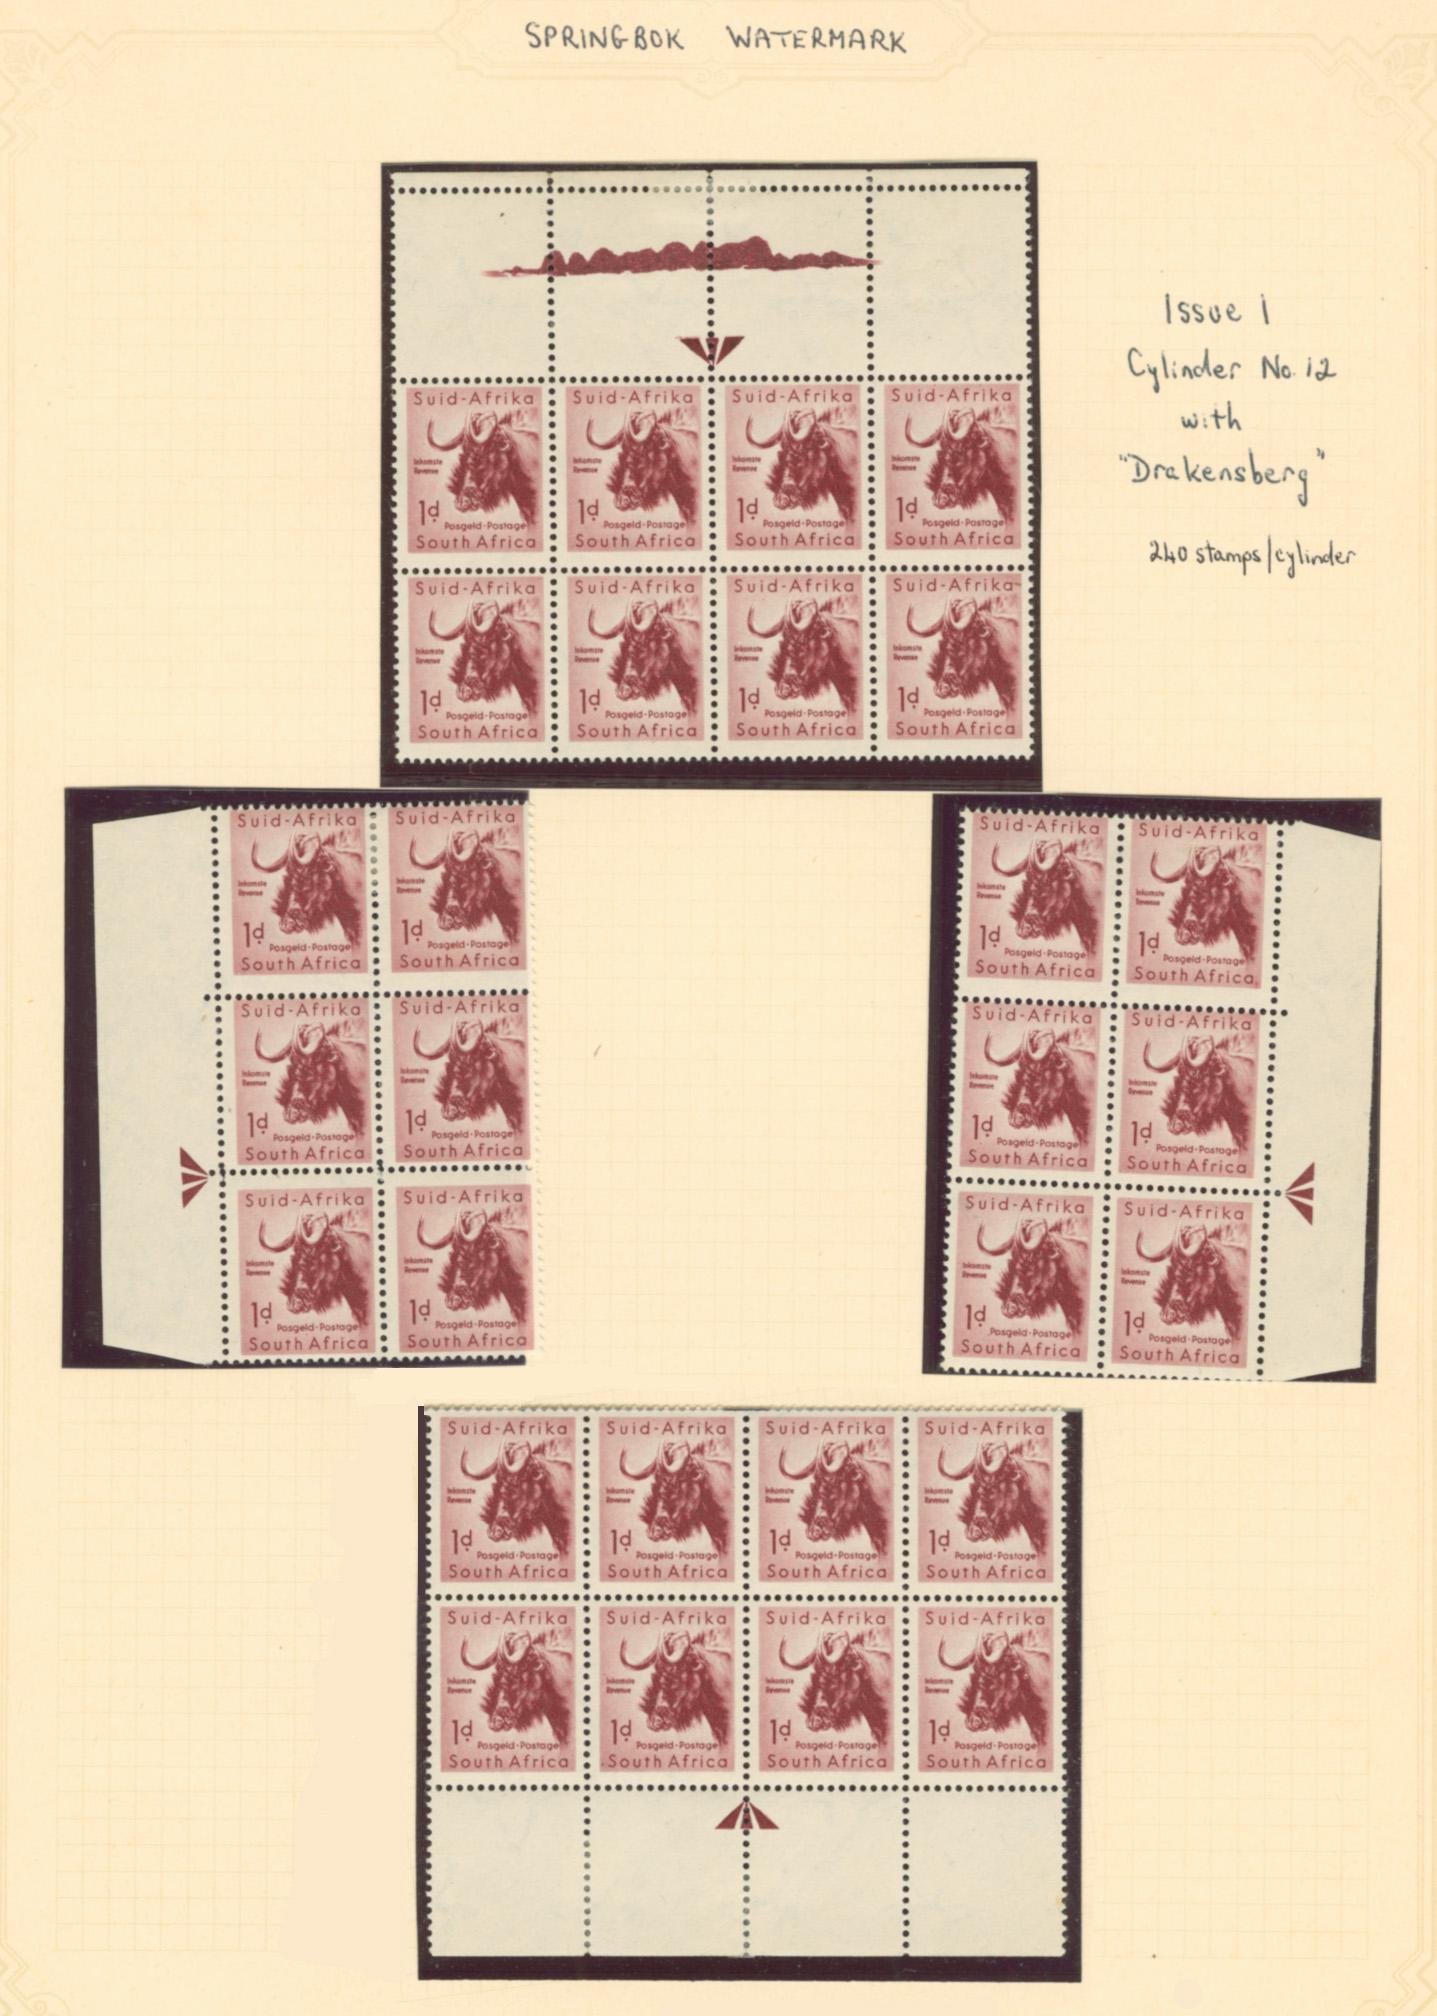 Union-1954-Animals-Drakensberg1.jpg